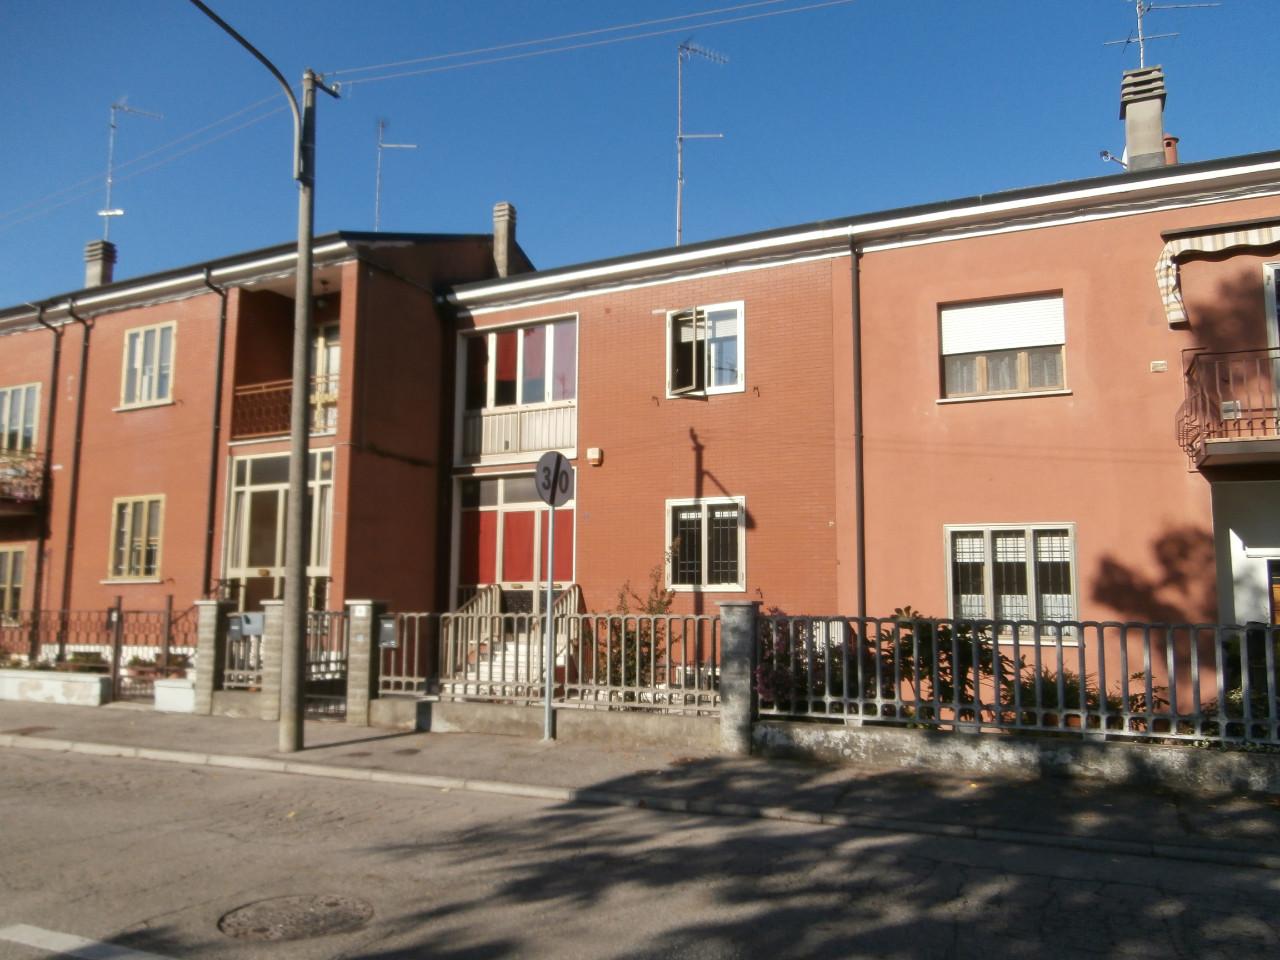 Villetta in vendita Ferrara Pontelagoscuro